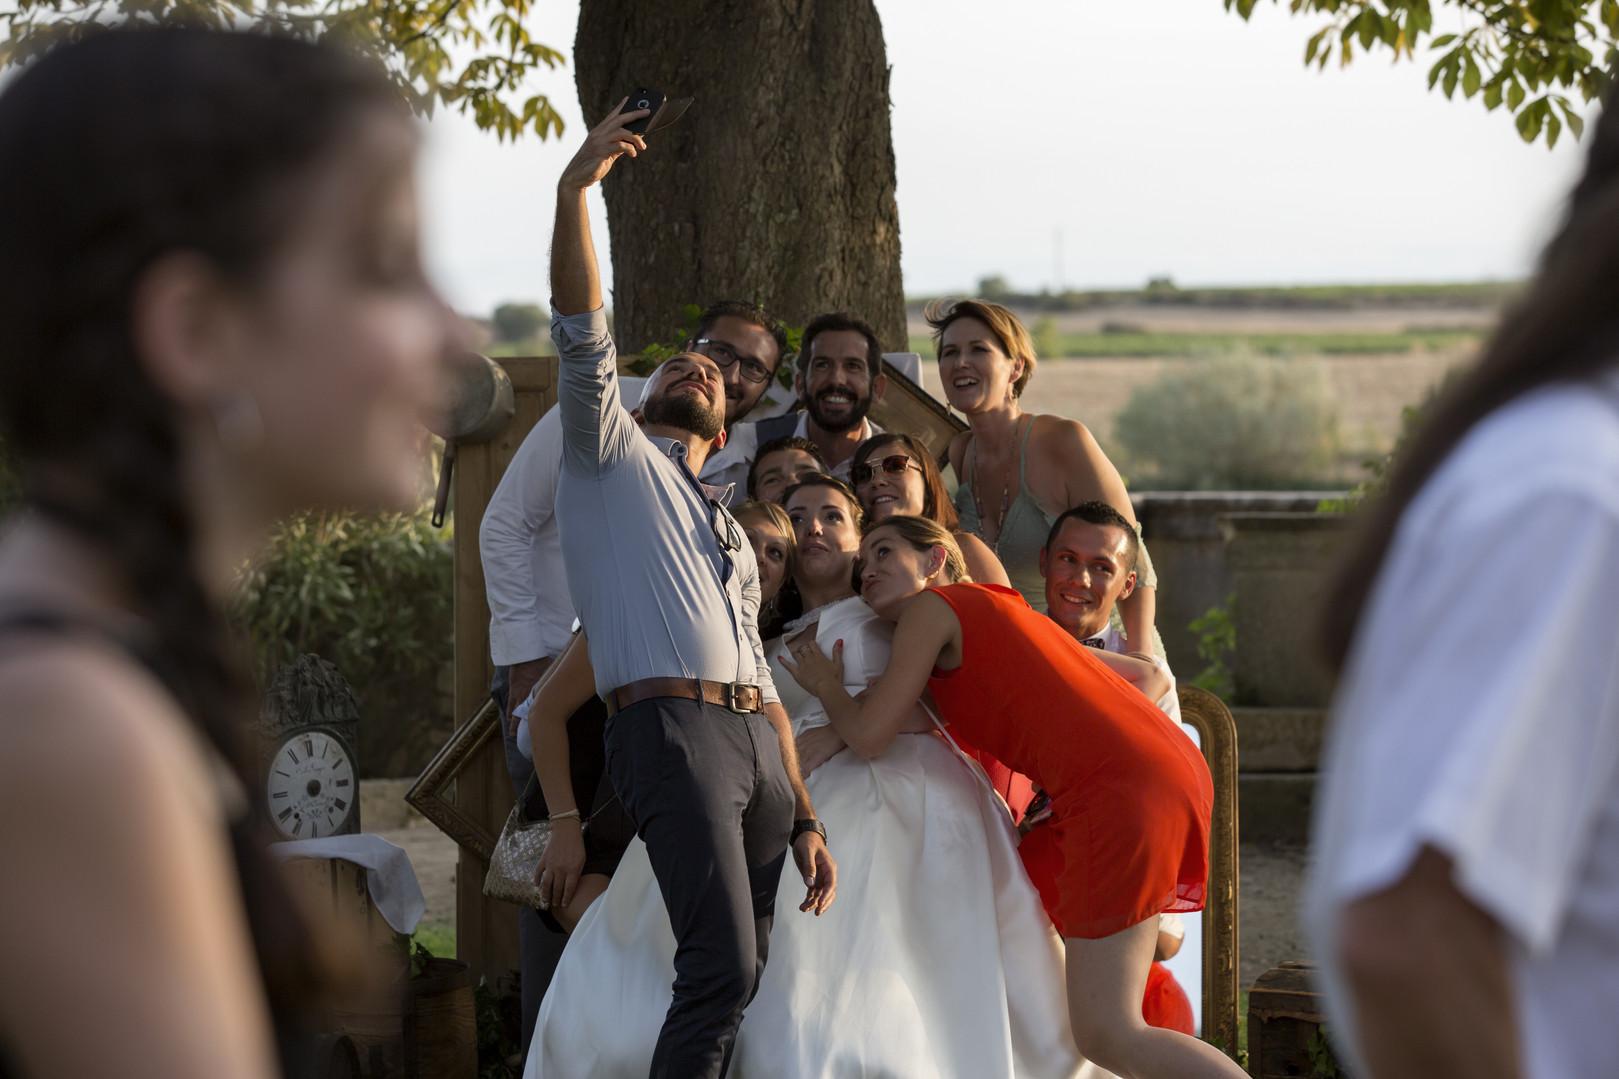 Le mariage de Léa et Mathieu Léa et Mathieu, se sont dit oui, le 19 août 2017 à l'église de Saint-Christol, puis le cokatail s'est déroulé au Parc du château, Salinelles 30250.